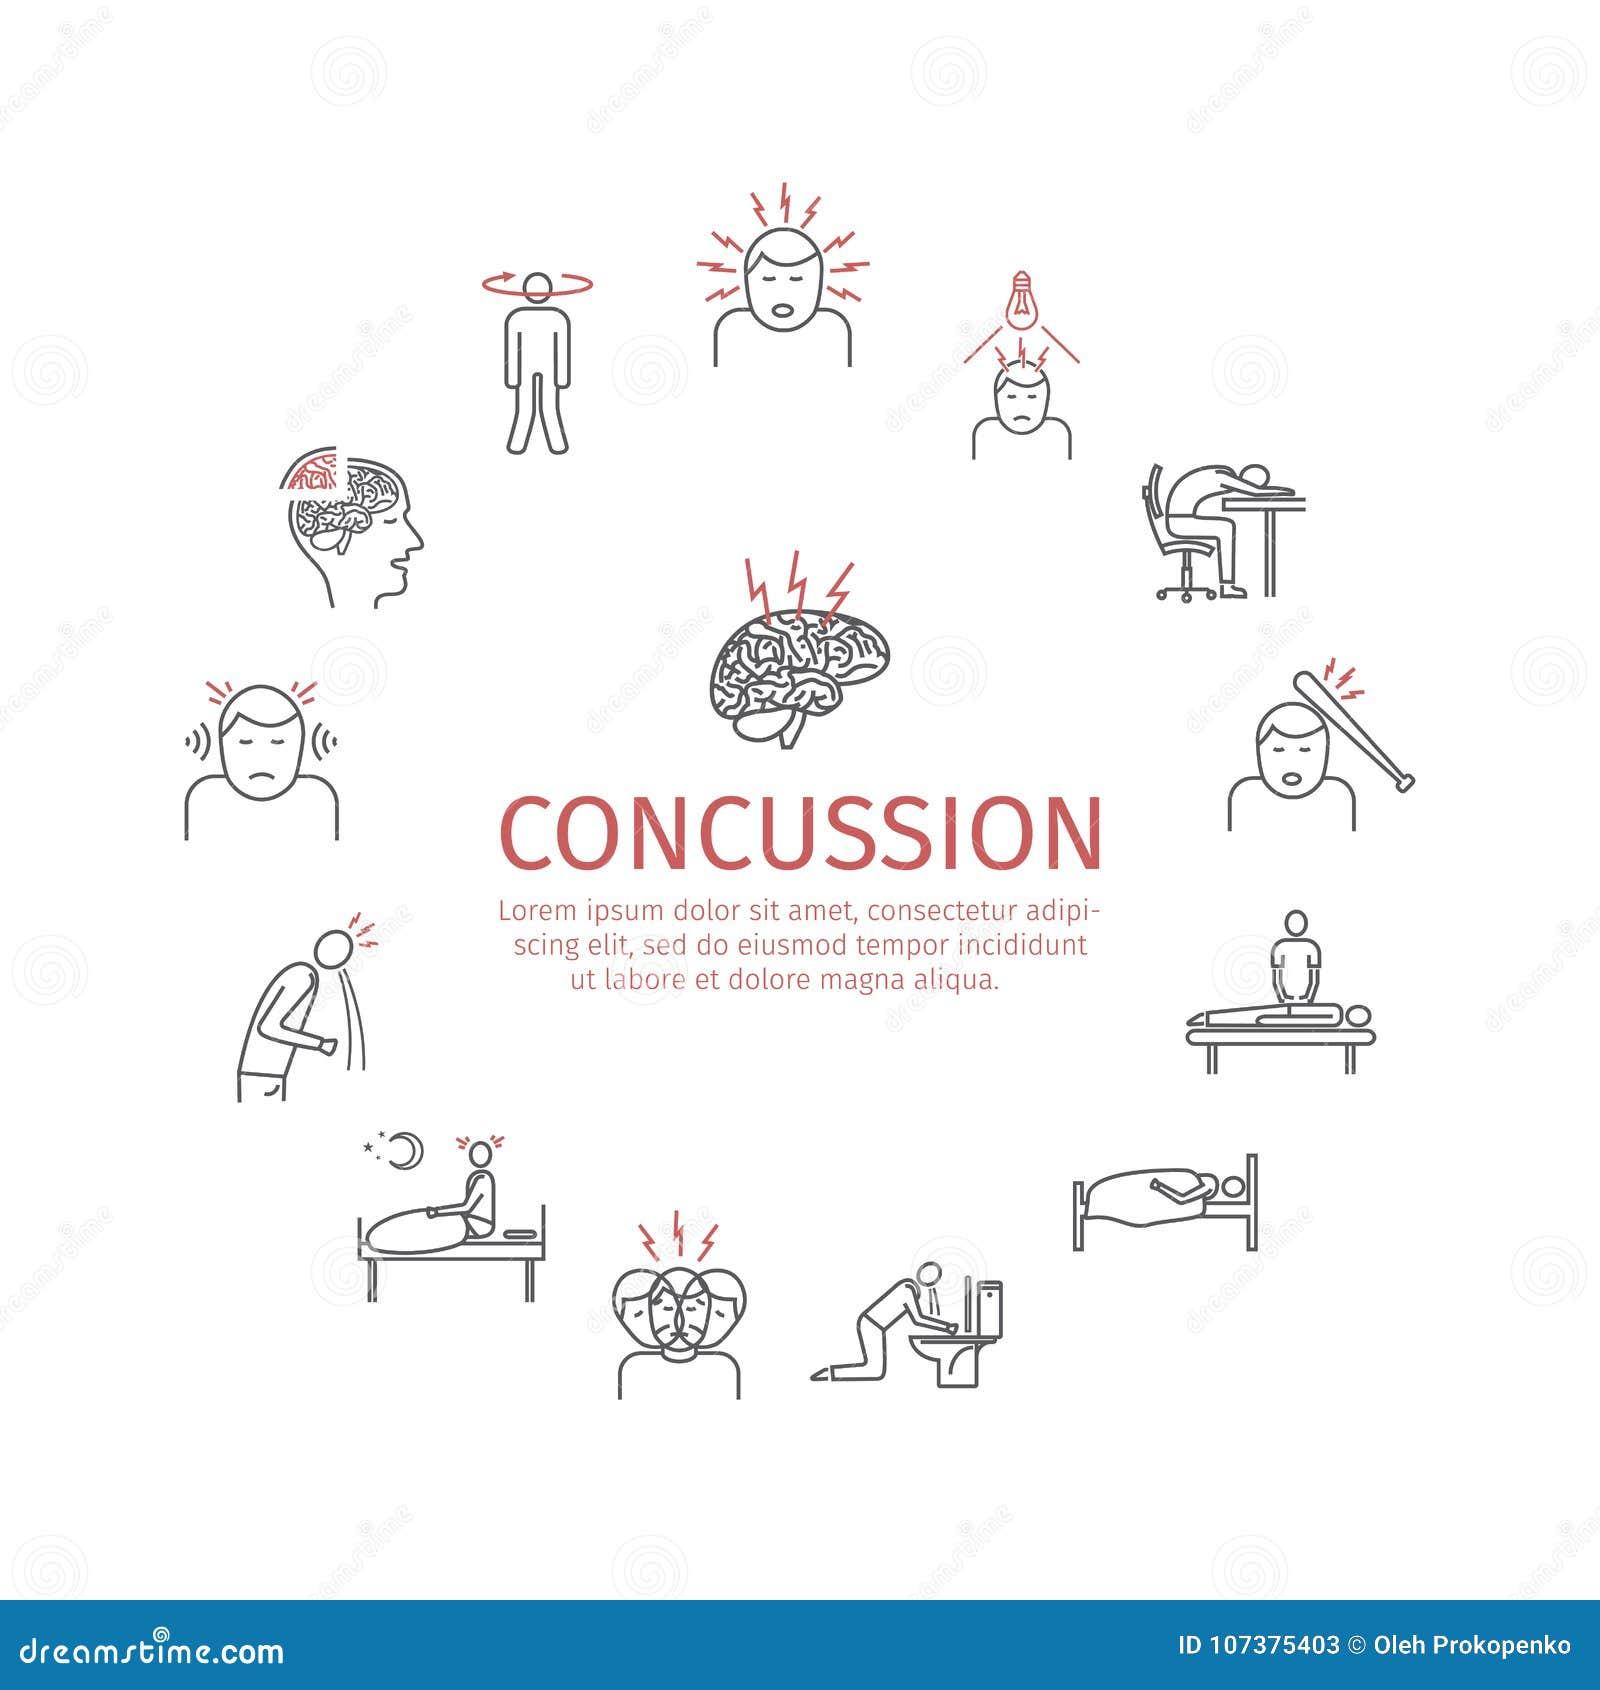 Concussion Objawy, traktowanie Kreskowe ikony ustawiać Wektorów znaki dla sieci grafika